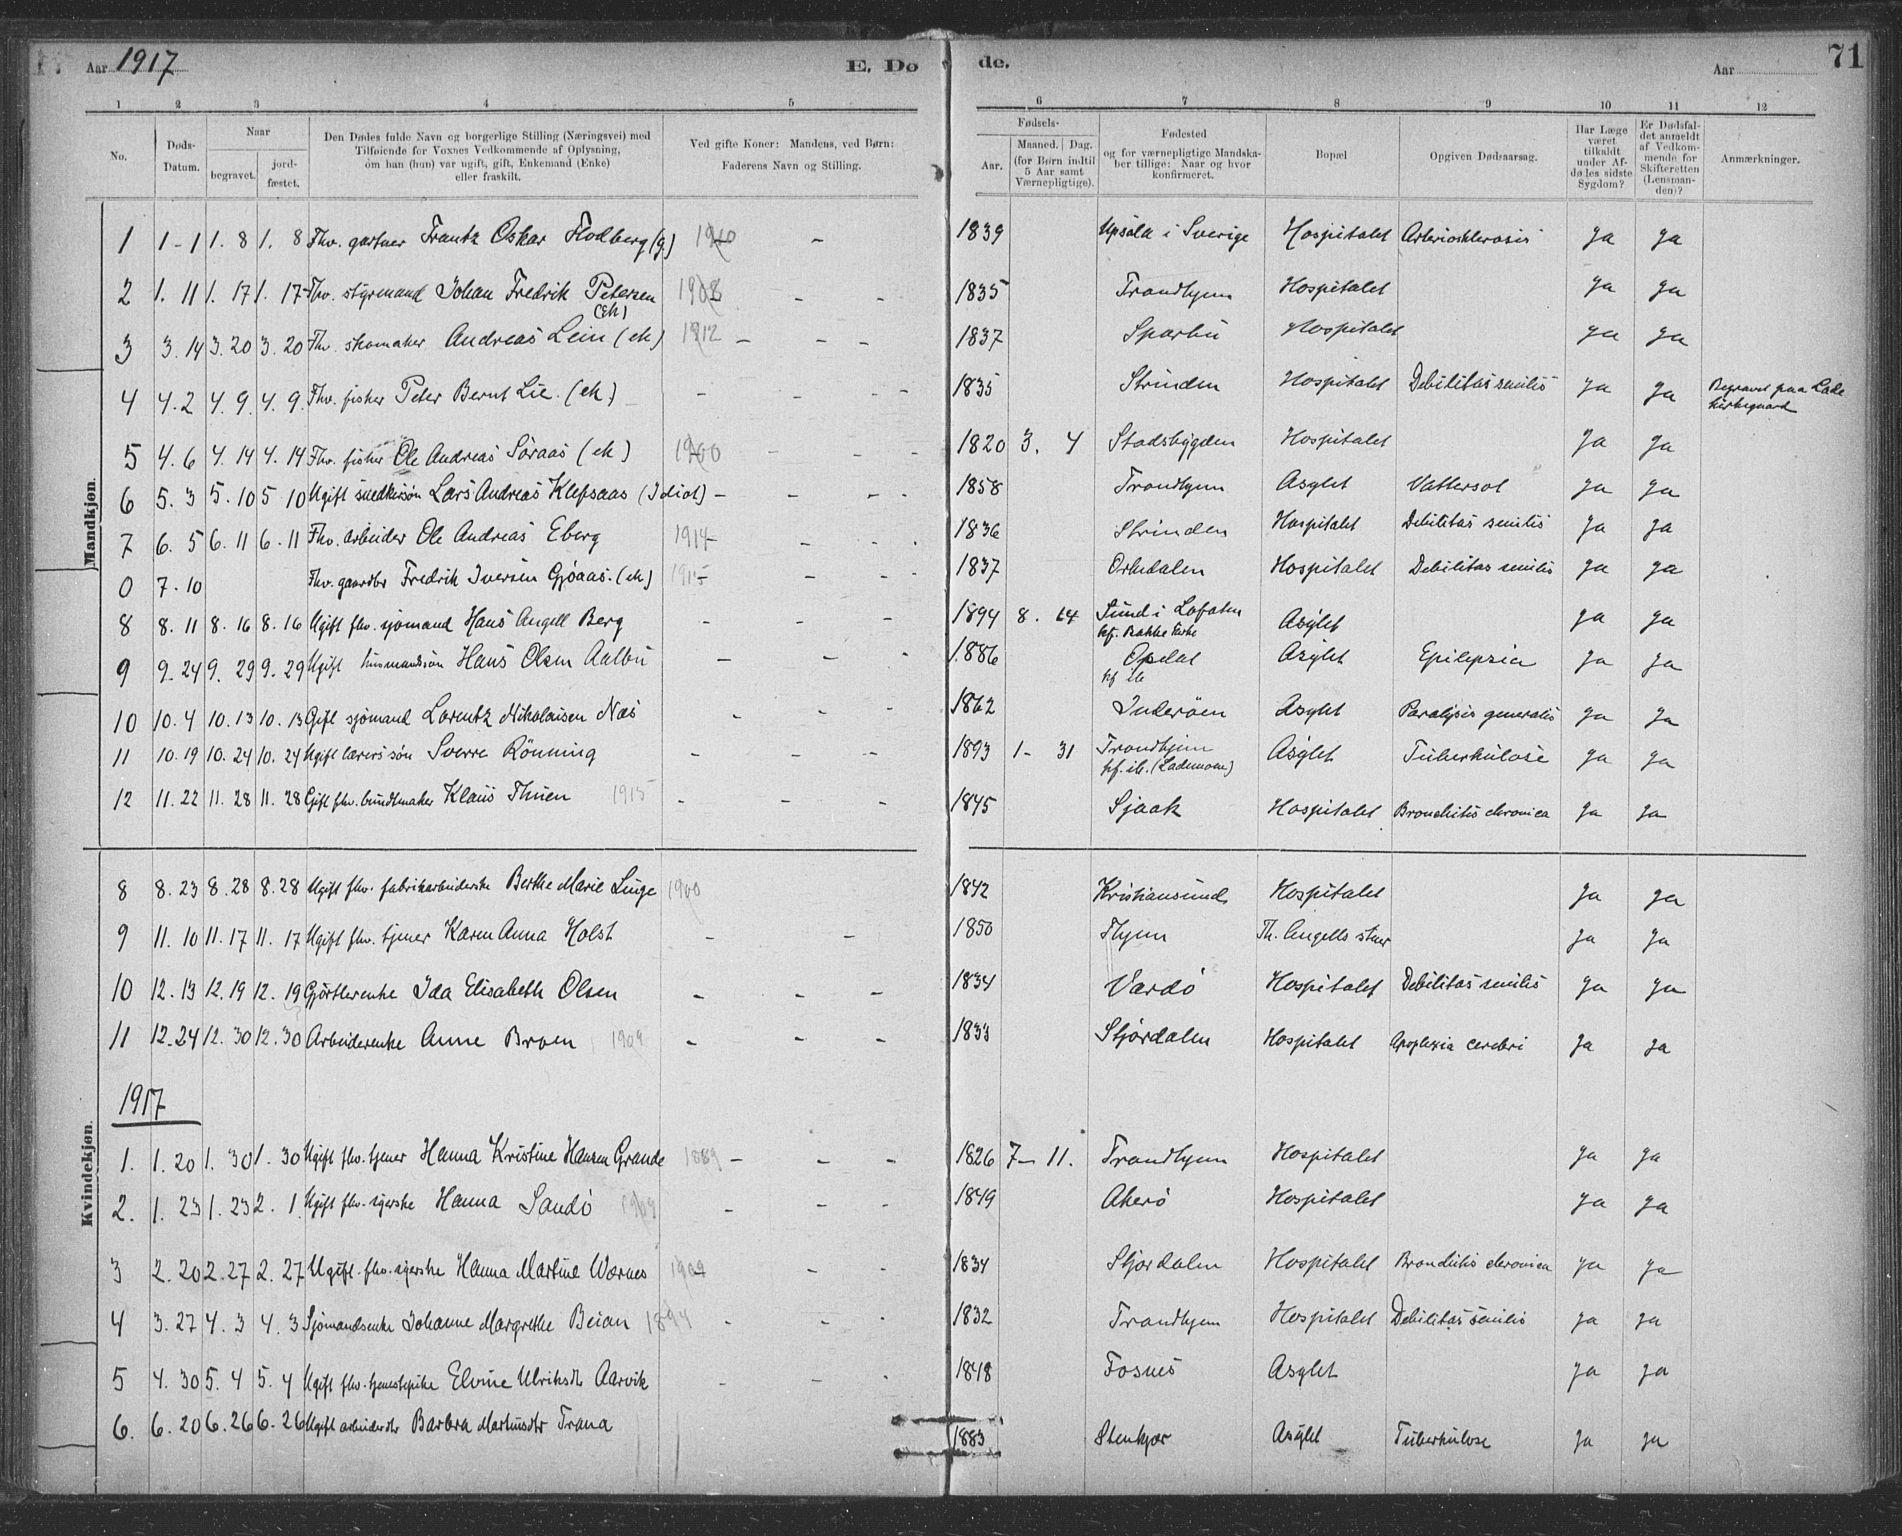 SAT, Ministerialprotokoller, klokkerbøker og fødselsregistre - Sør-Trøndelag, 623/L0470: Ministerialbok nr. 623A04, 1884-1938, s. 71